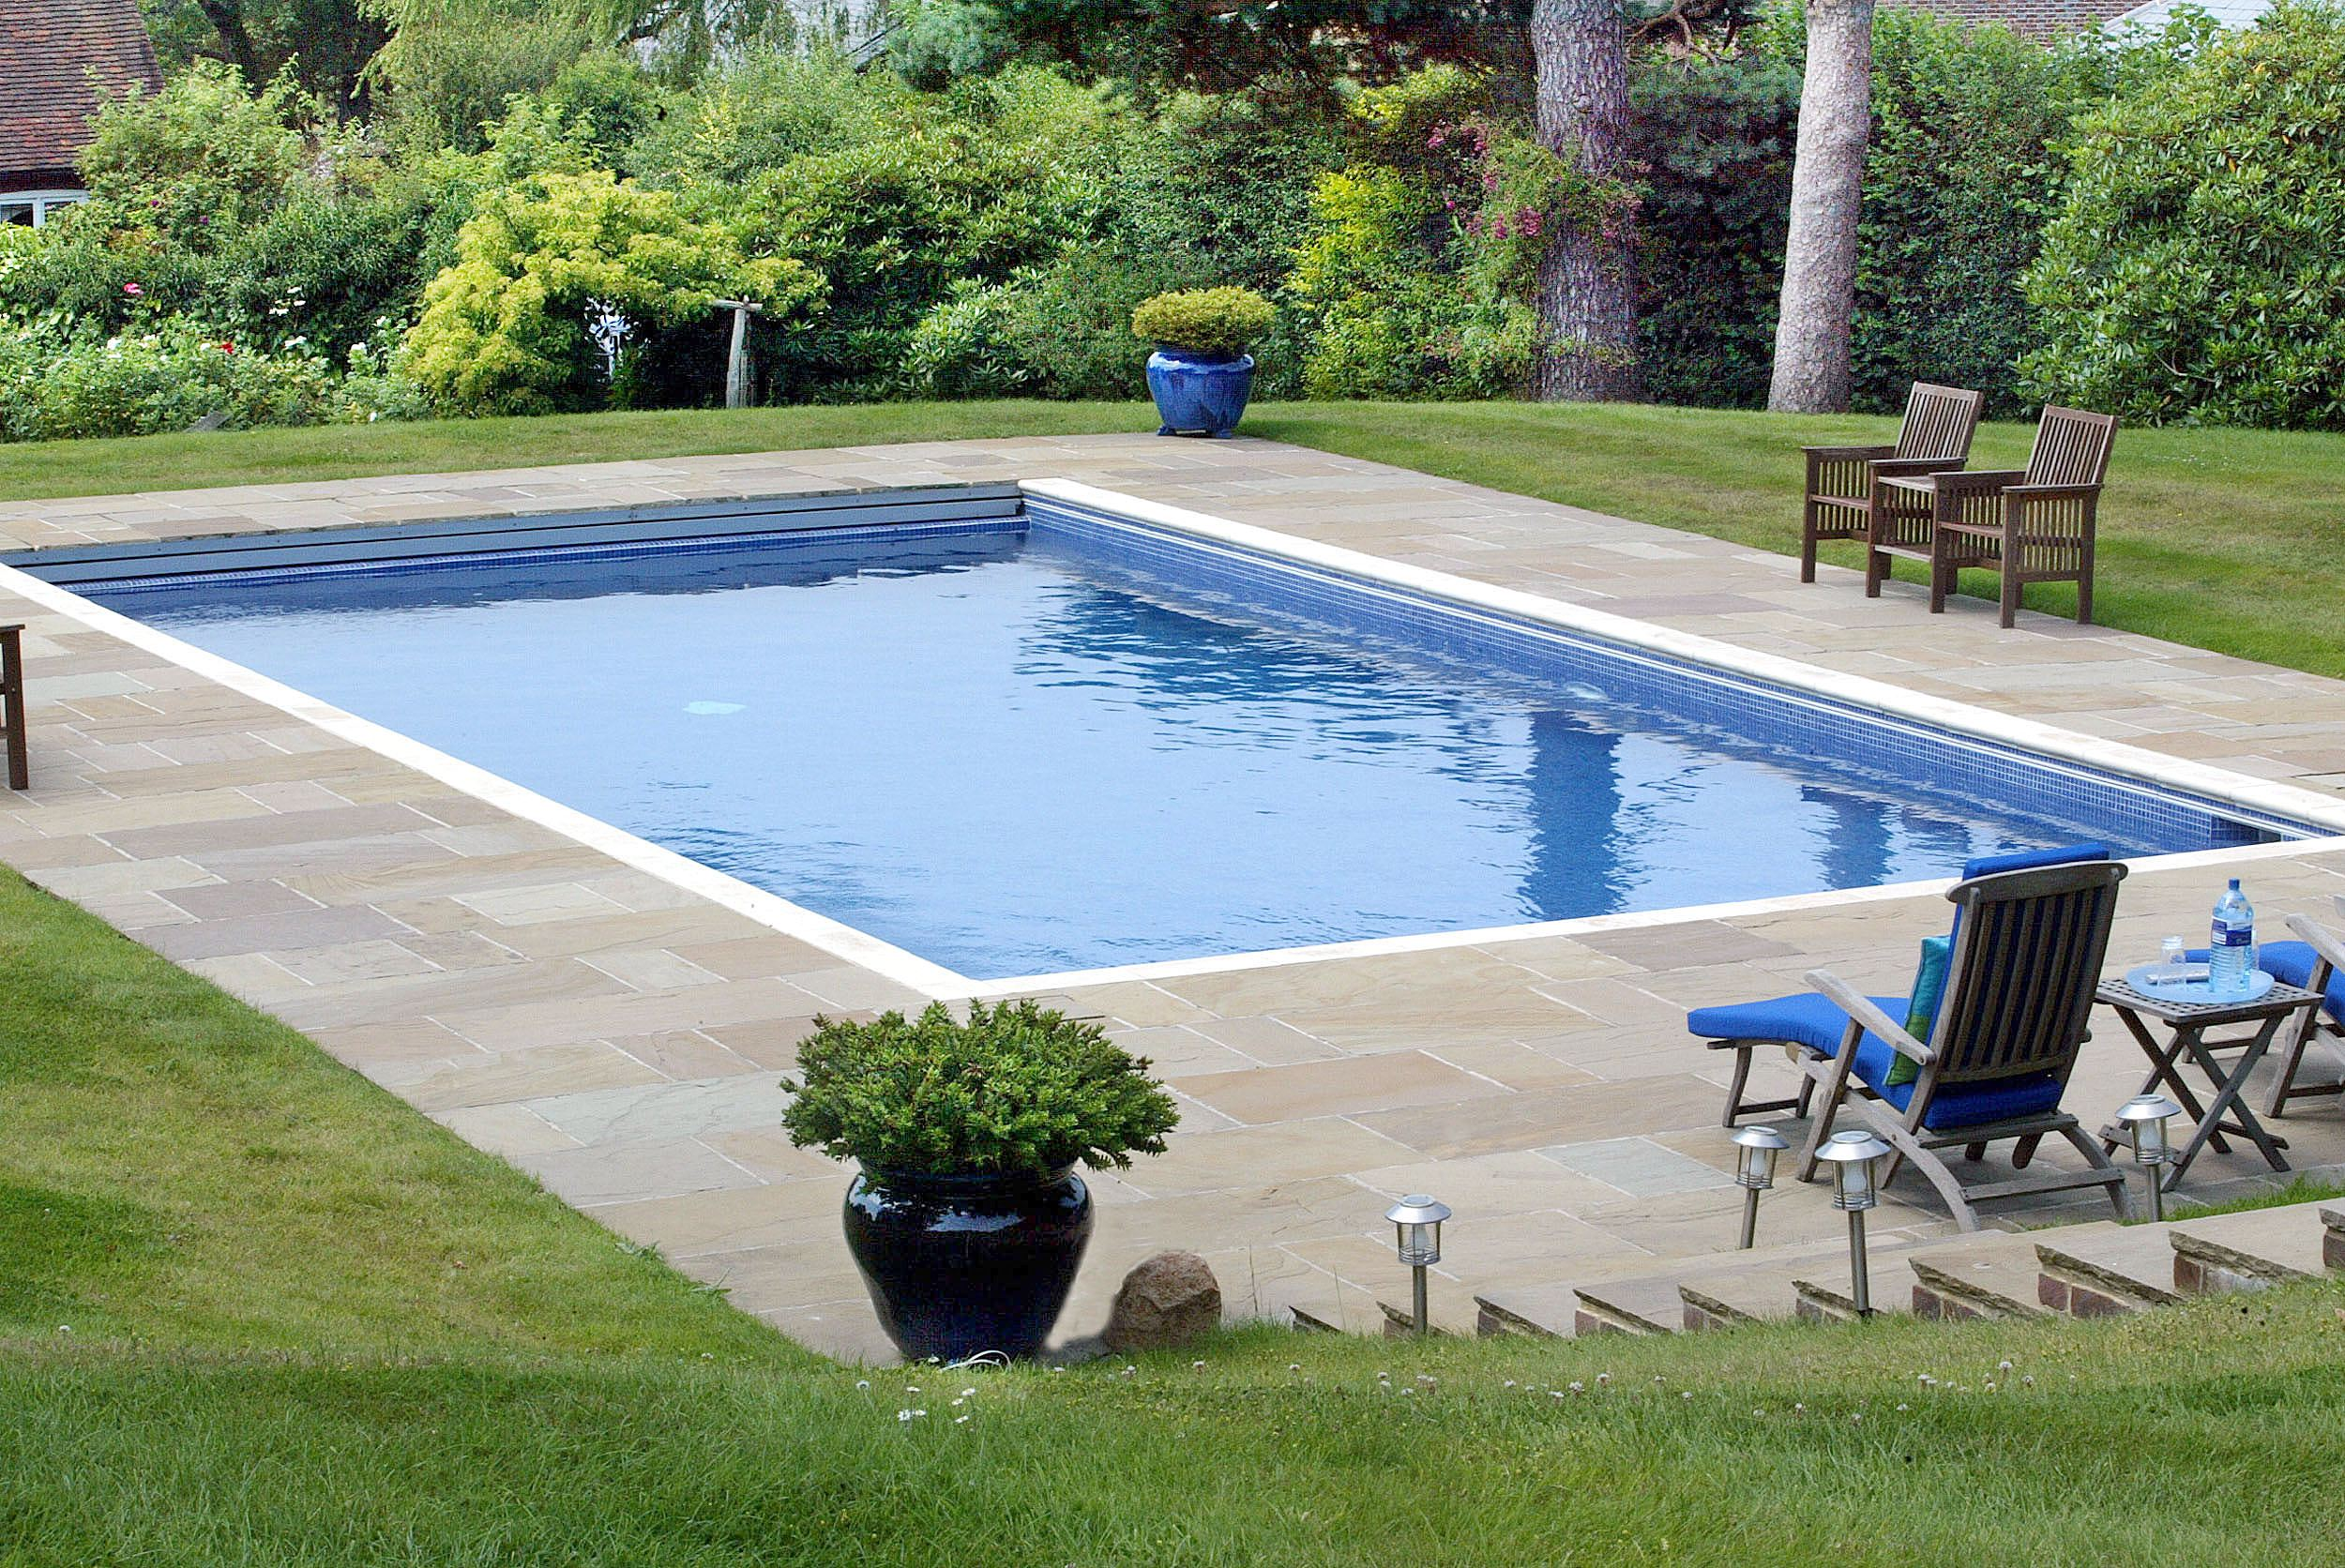 Quelle piscine pour mon jardin sem jardin for Piscine et jardin